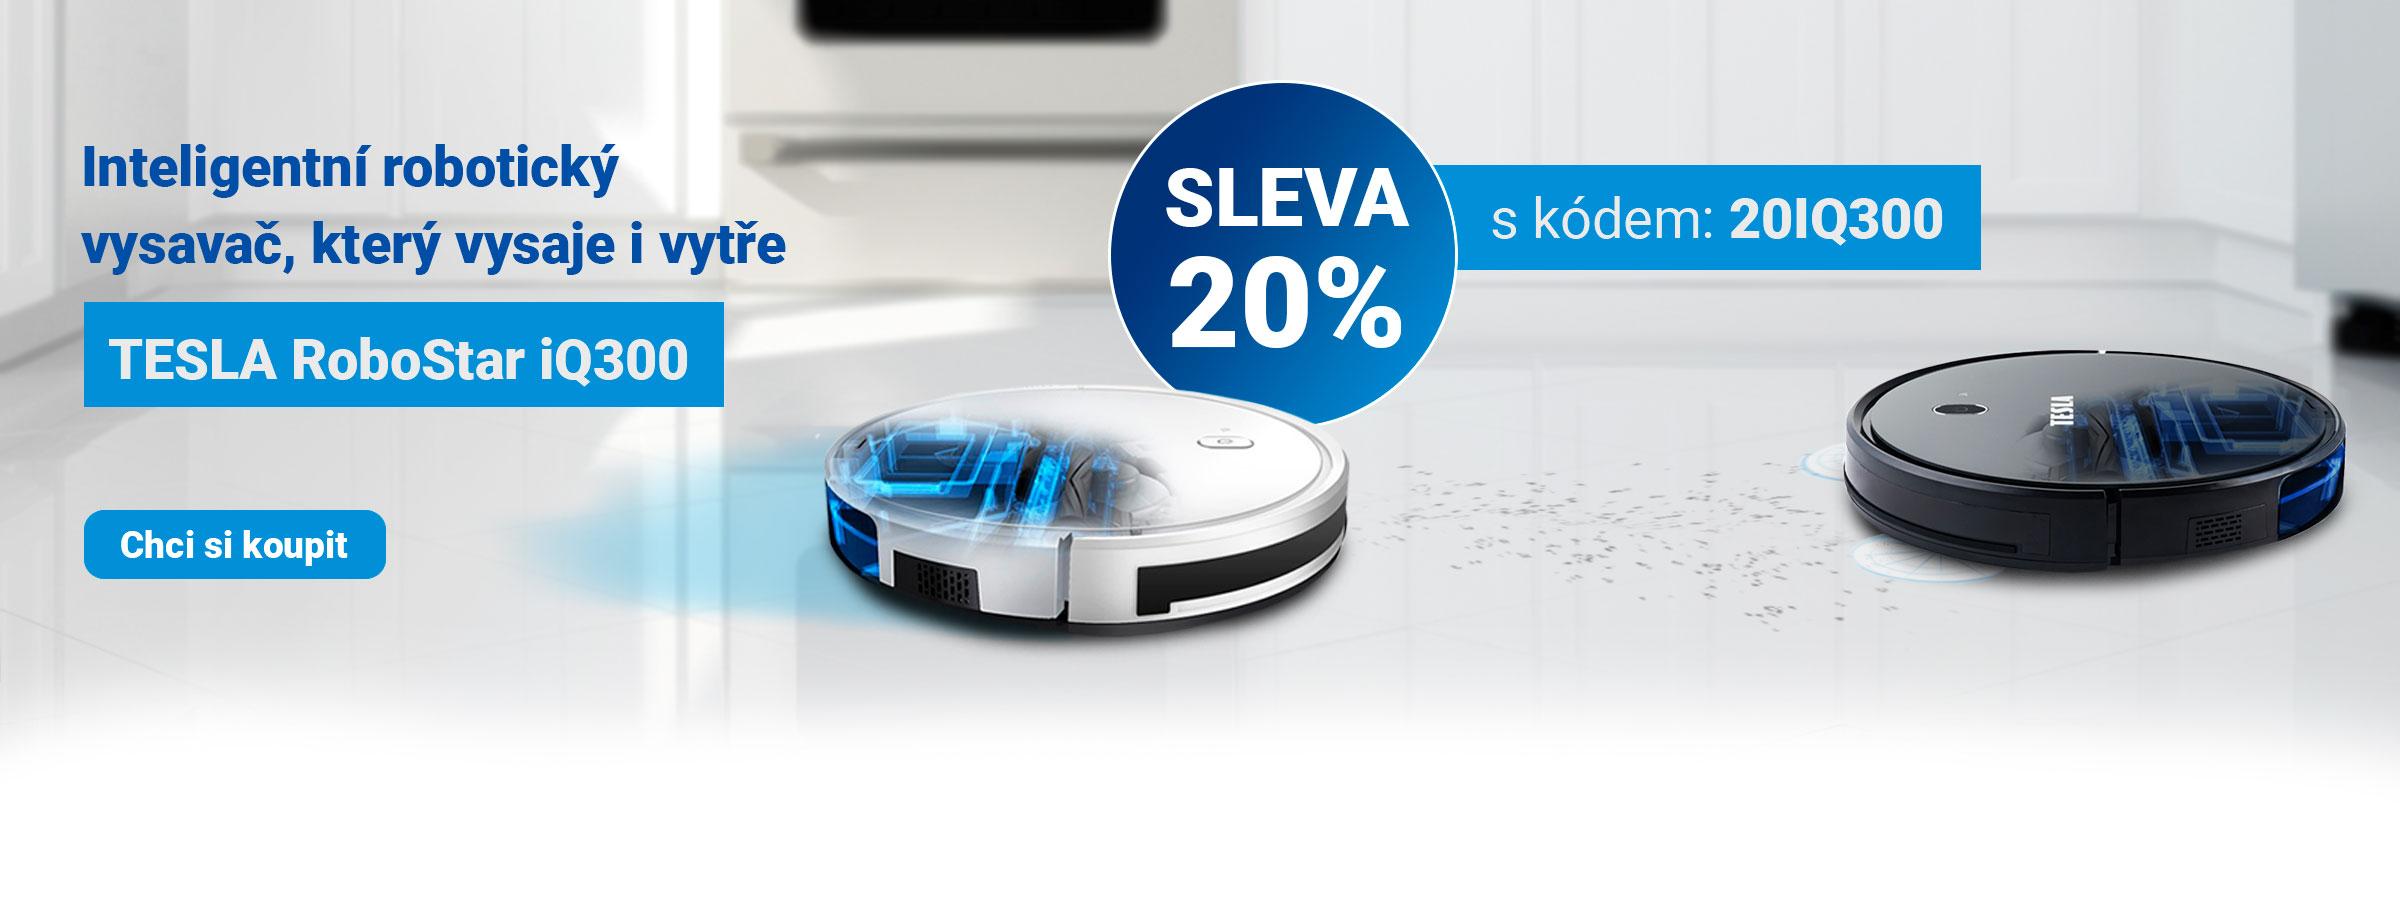 Akce: 20% sleva na inteligentní robotický vysavač TESLA RoboStar iQ300